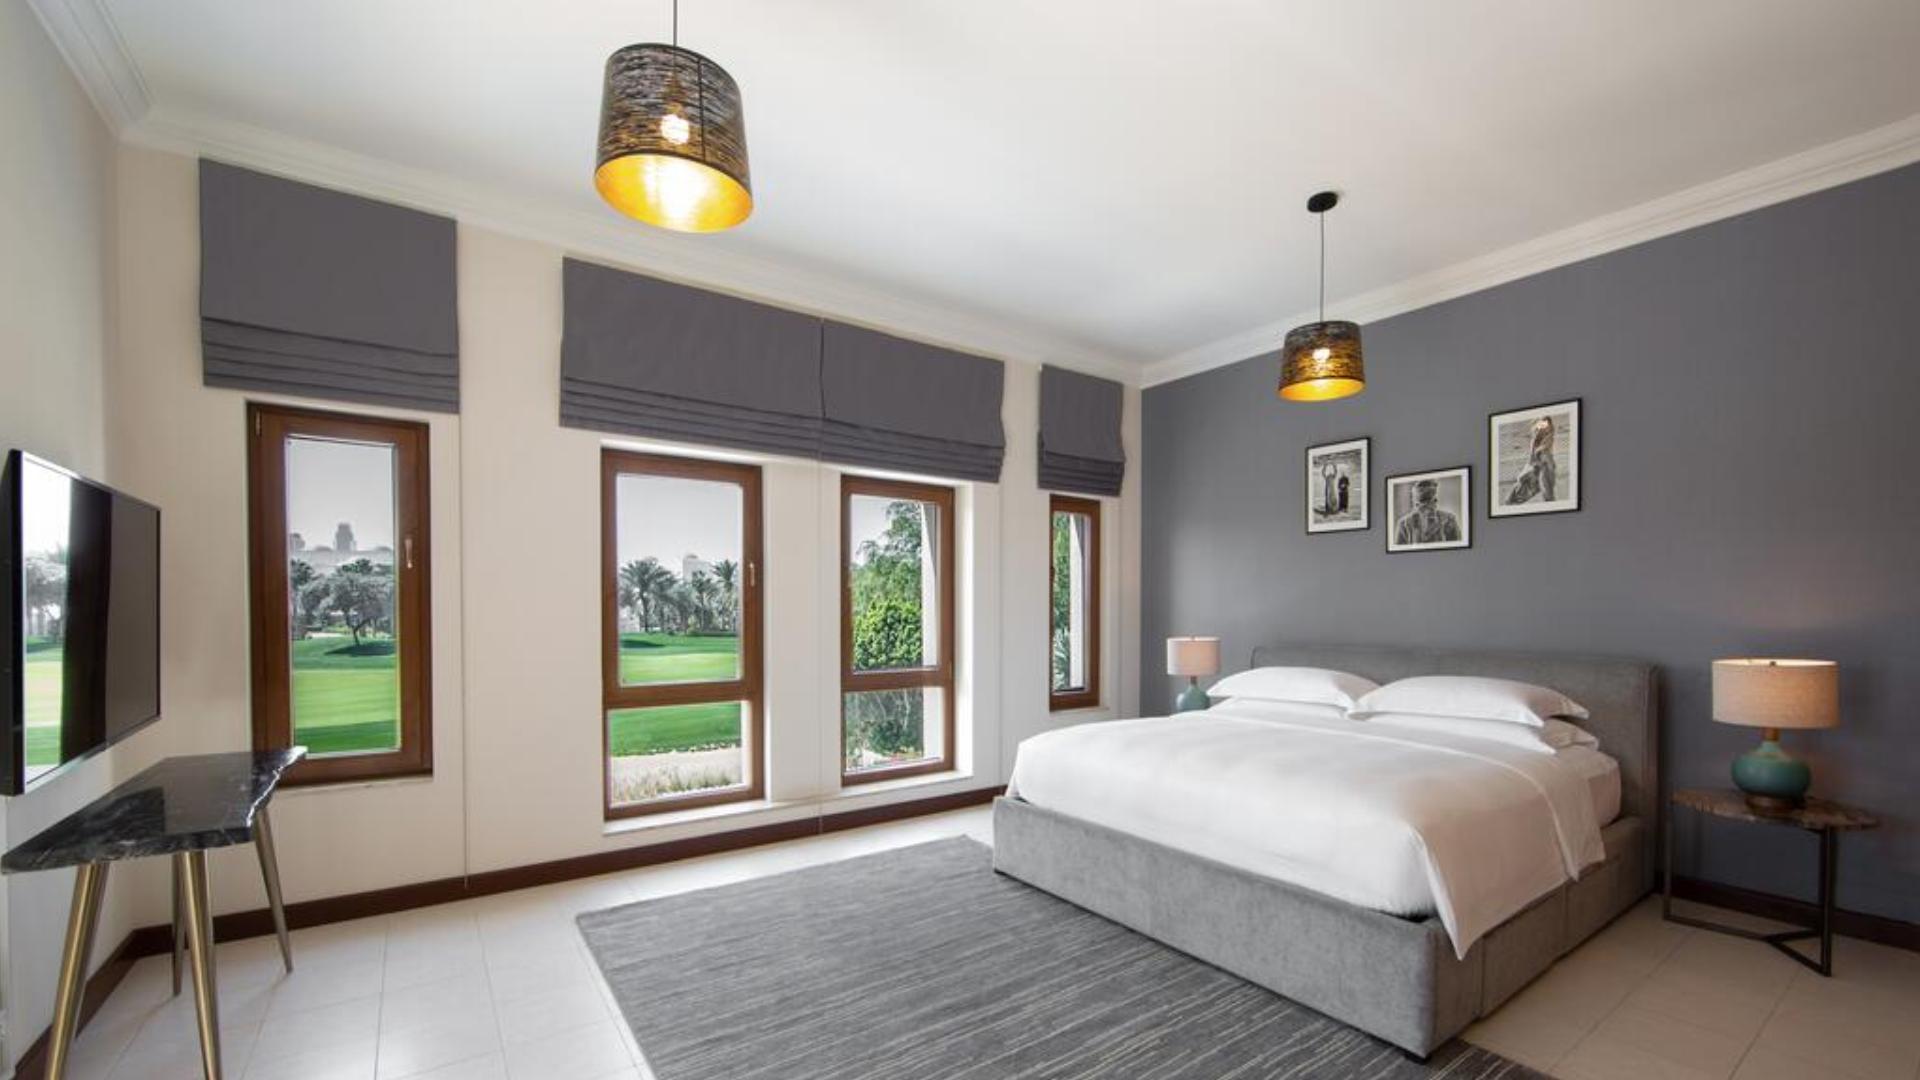 Villa en venta en Dubai, EAU, 4 dormitorios, 313 m2, № 24144 – foto 4